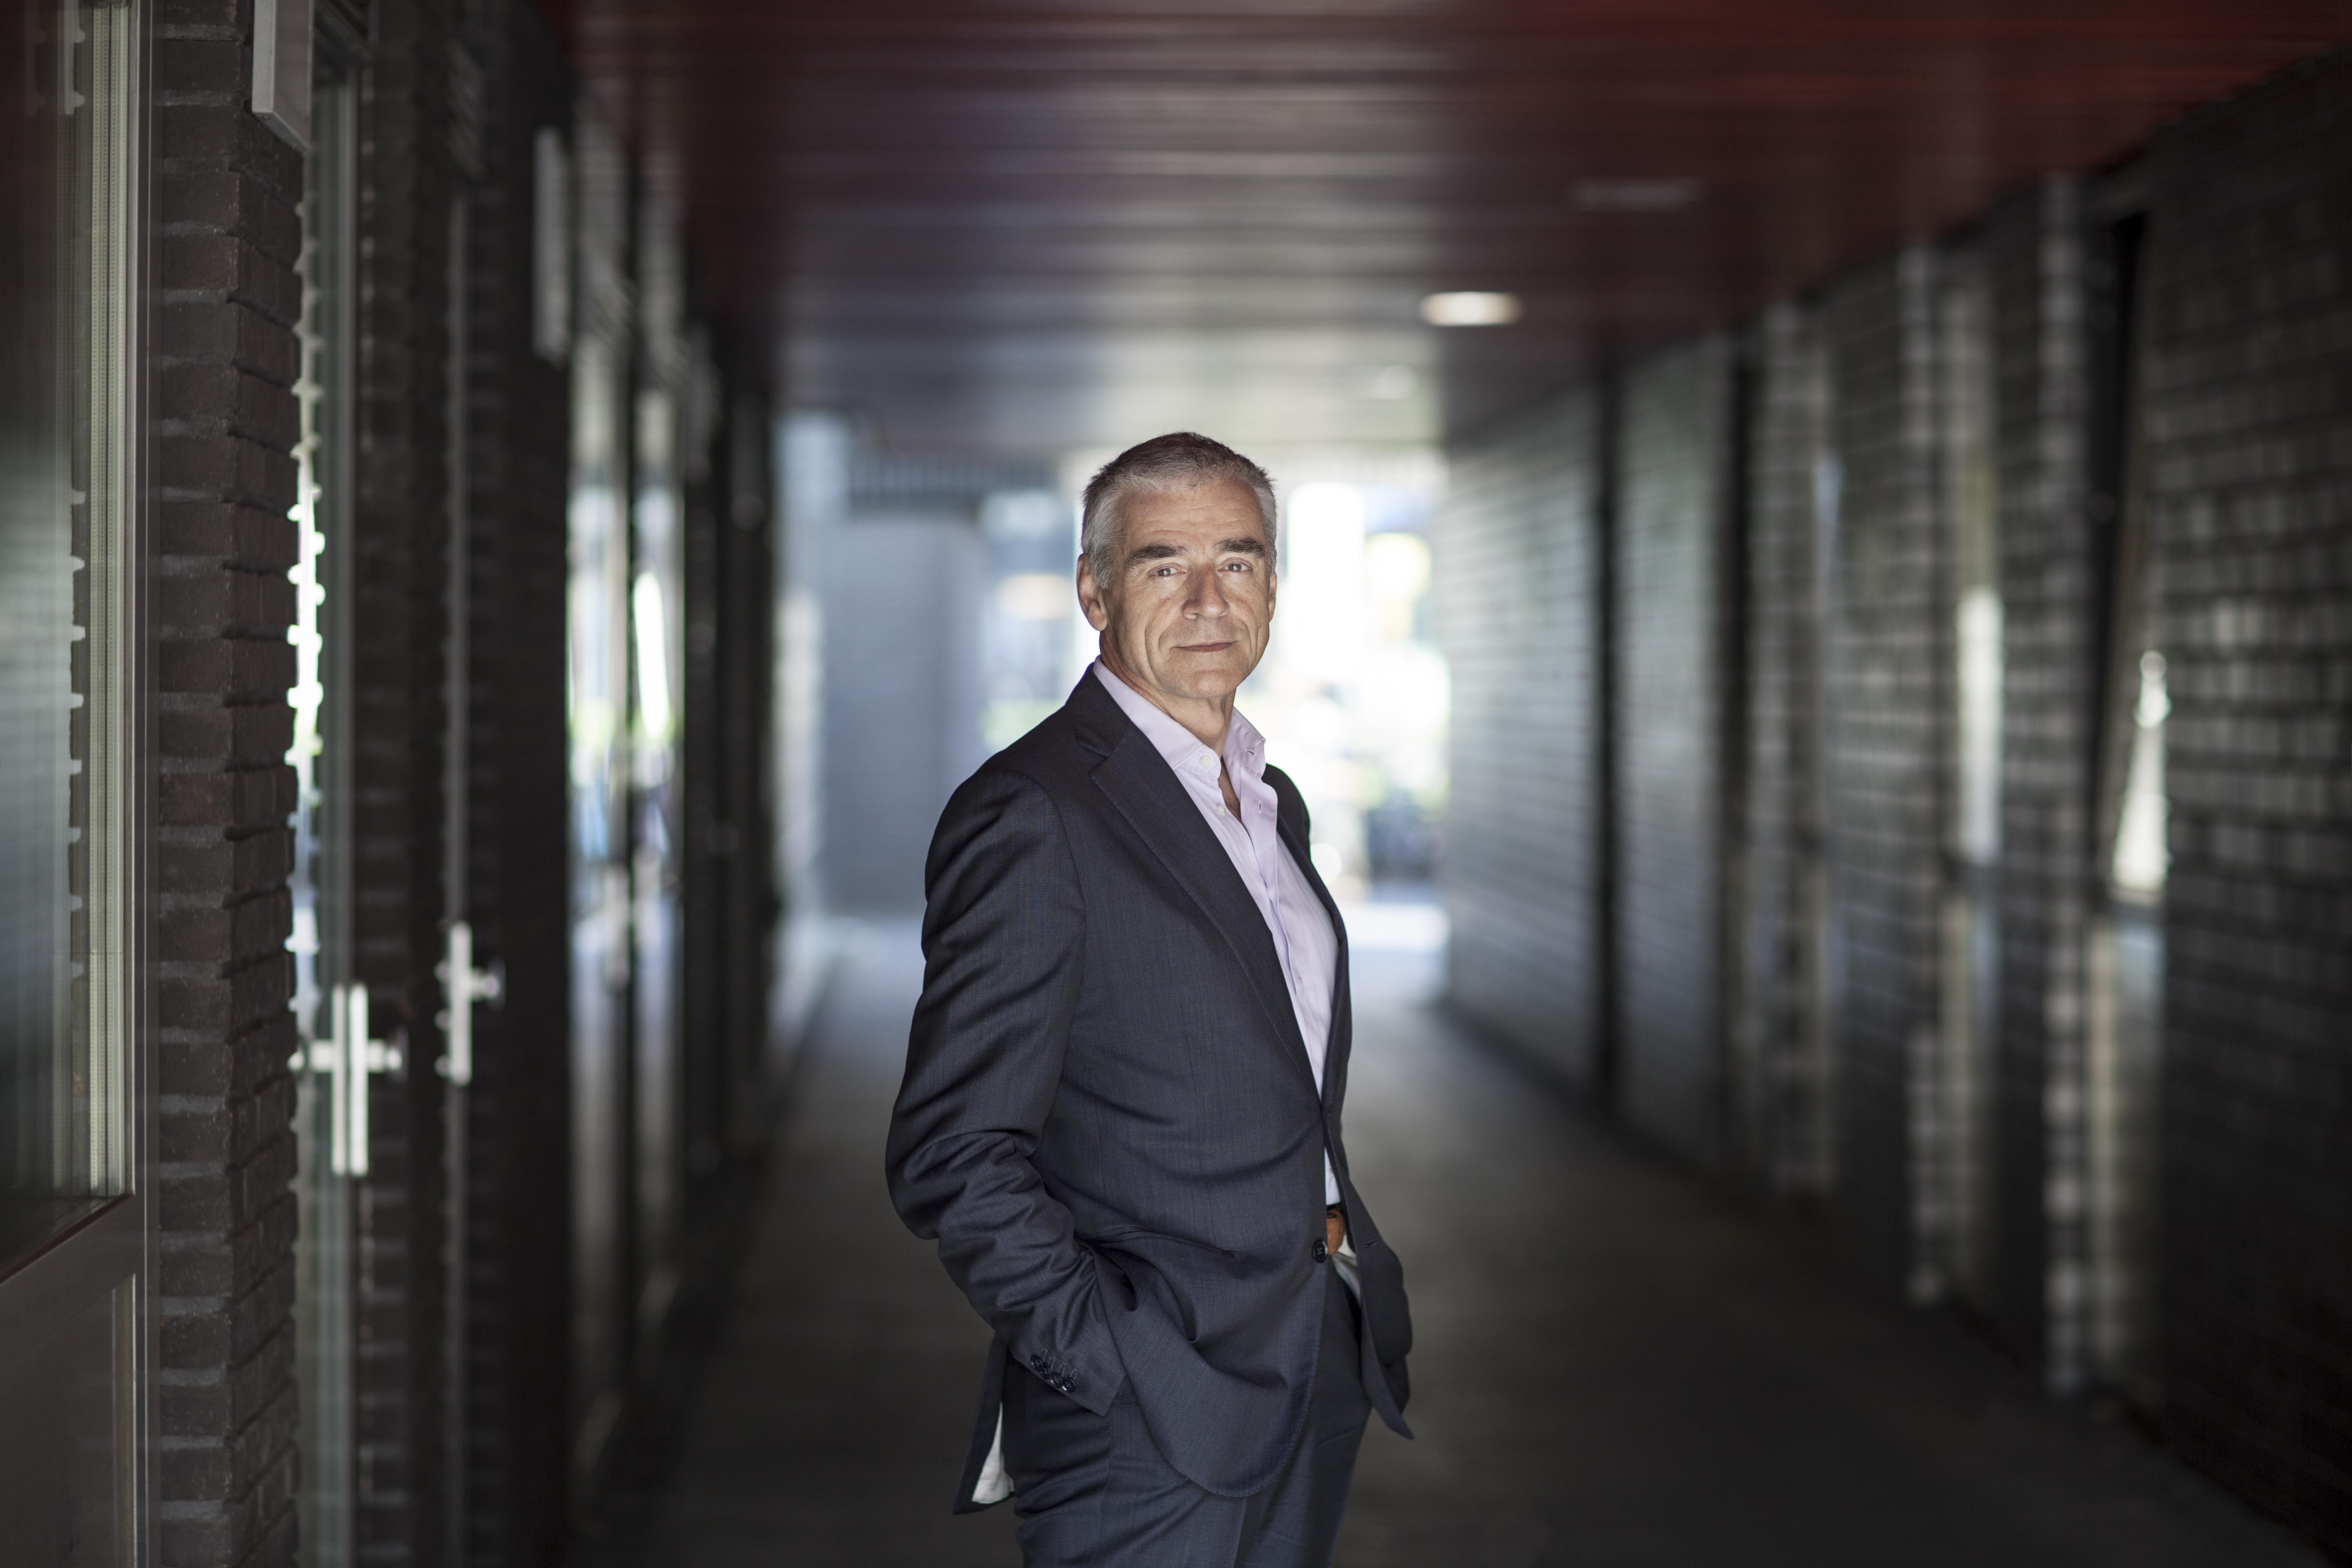 Kritiek hoogleraar op Brussels onderzoek naar fusie Tata Steel en ThyssenKrupp: 'Slechts theoretische inschatting'